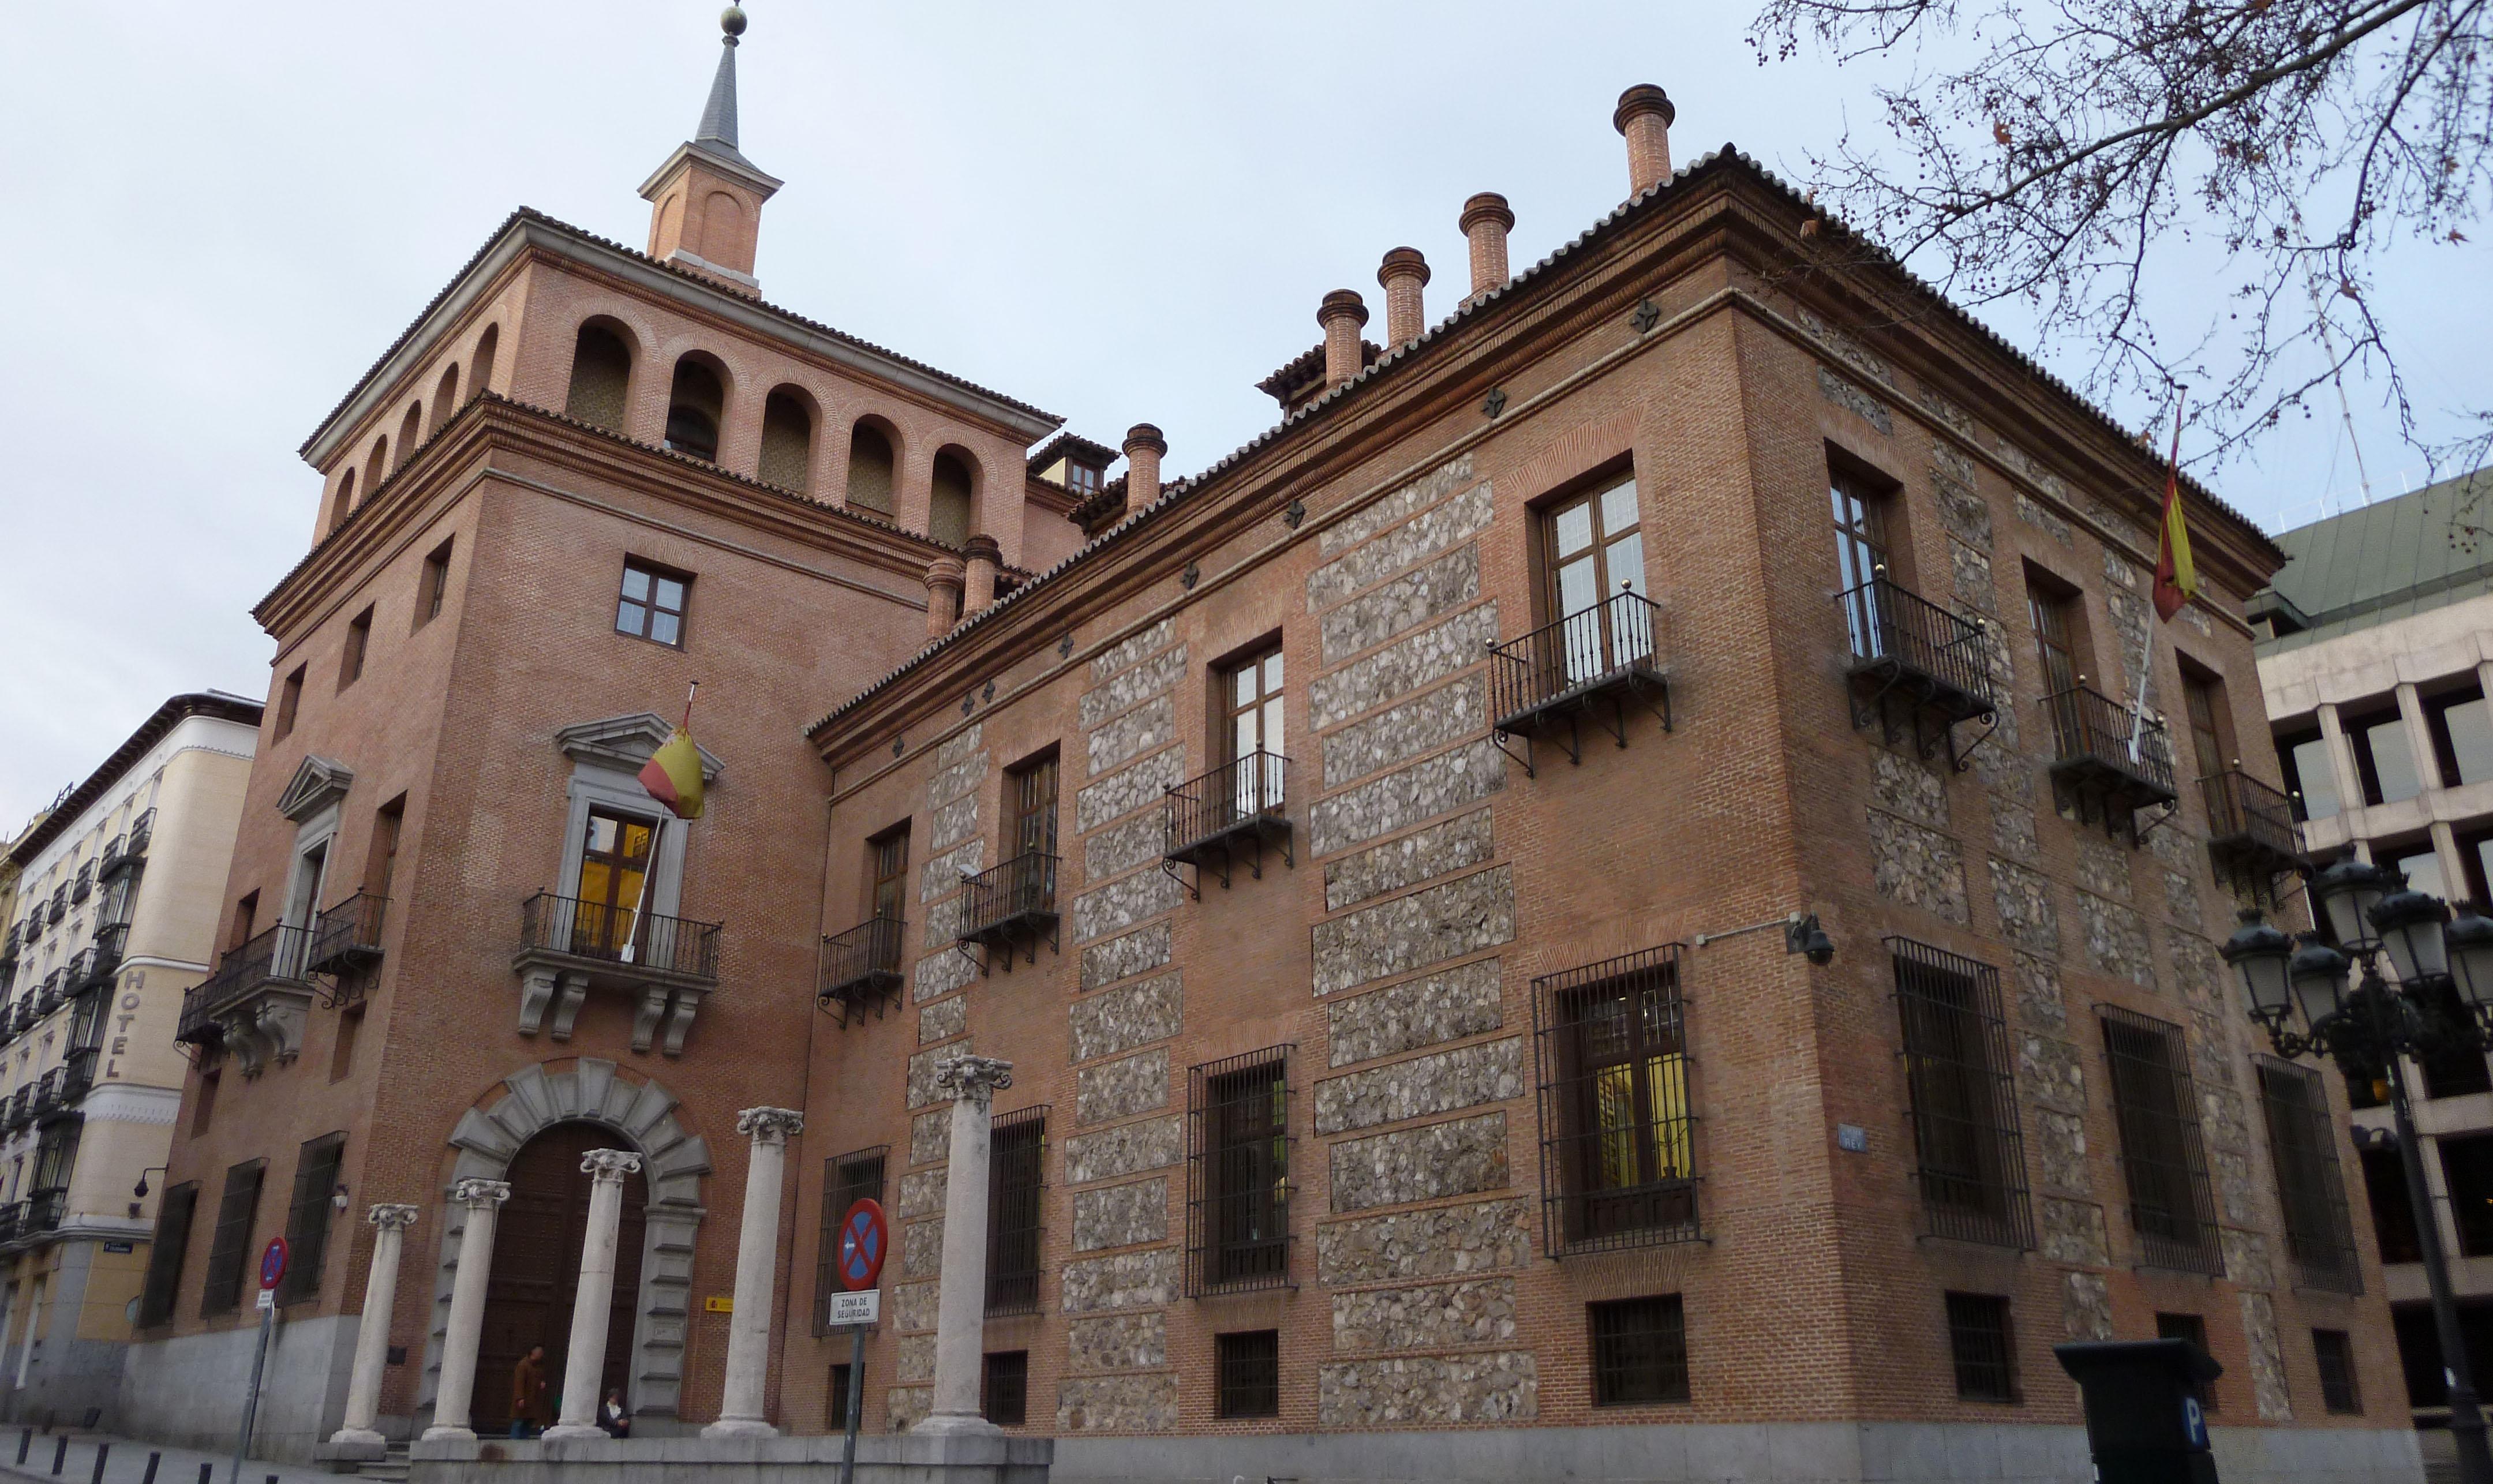 Casa de las Siete Chimeneas (1577). Sede del Ministerio de Cultura en Madrid. Foto: Luis García.